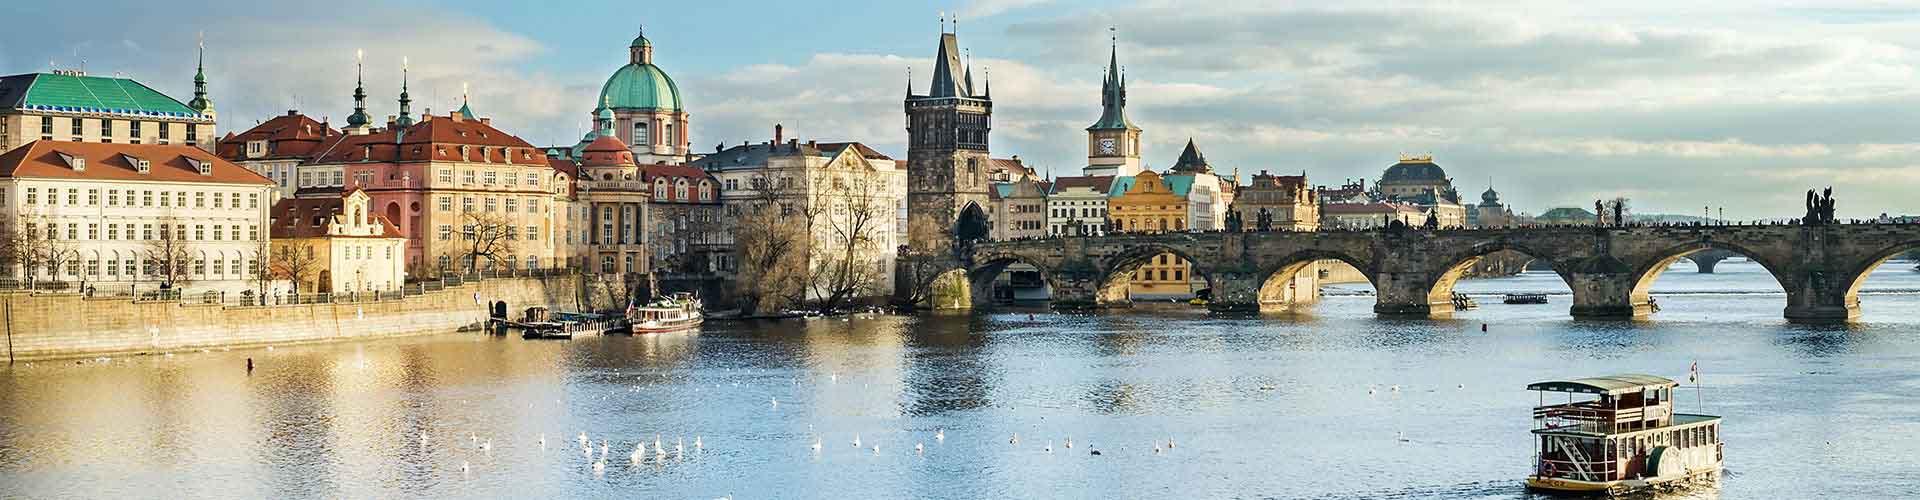 프라하 - Prague 1 지구의 호스텔. 프라하의 지도, 프라하에 위치한 호스텔 사진 및 후기 정보.